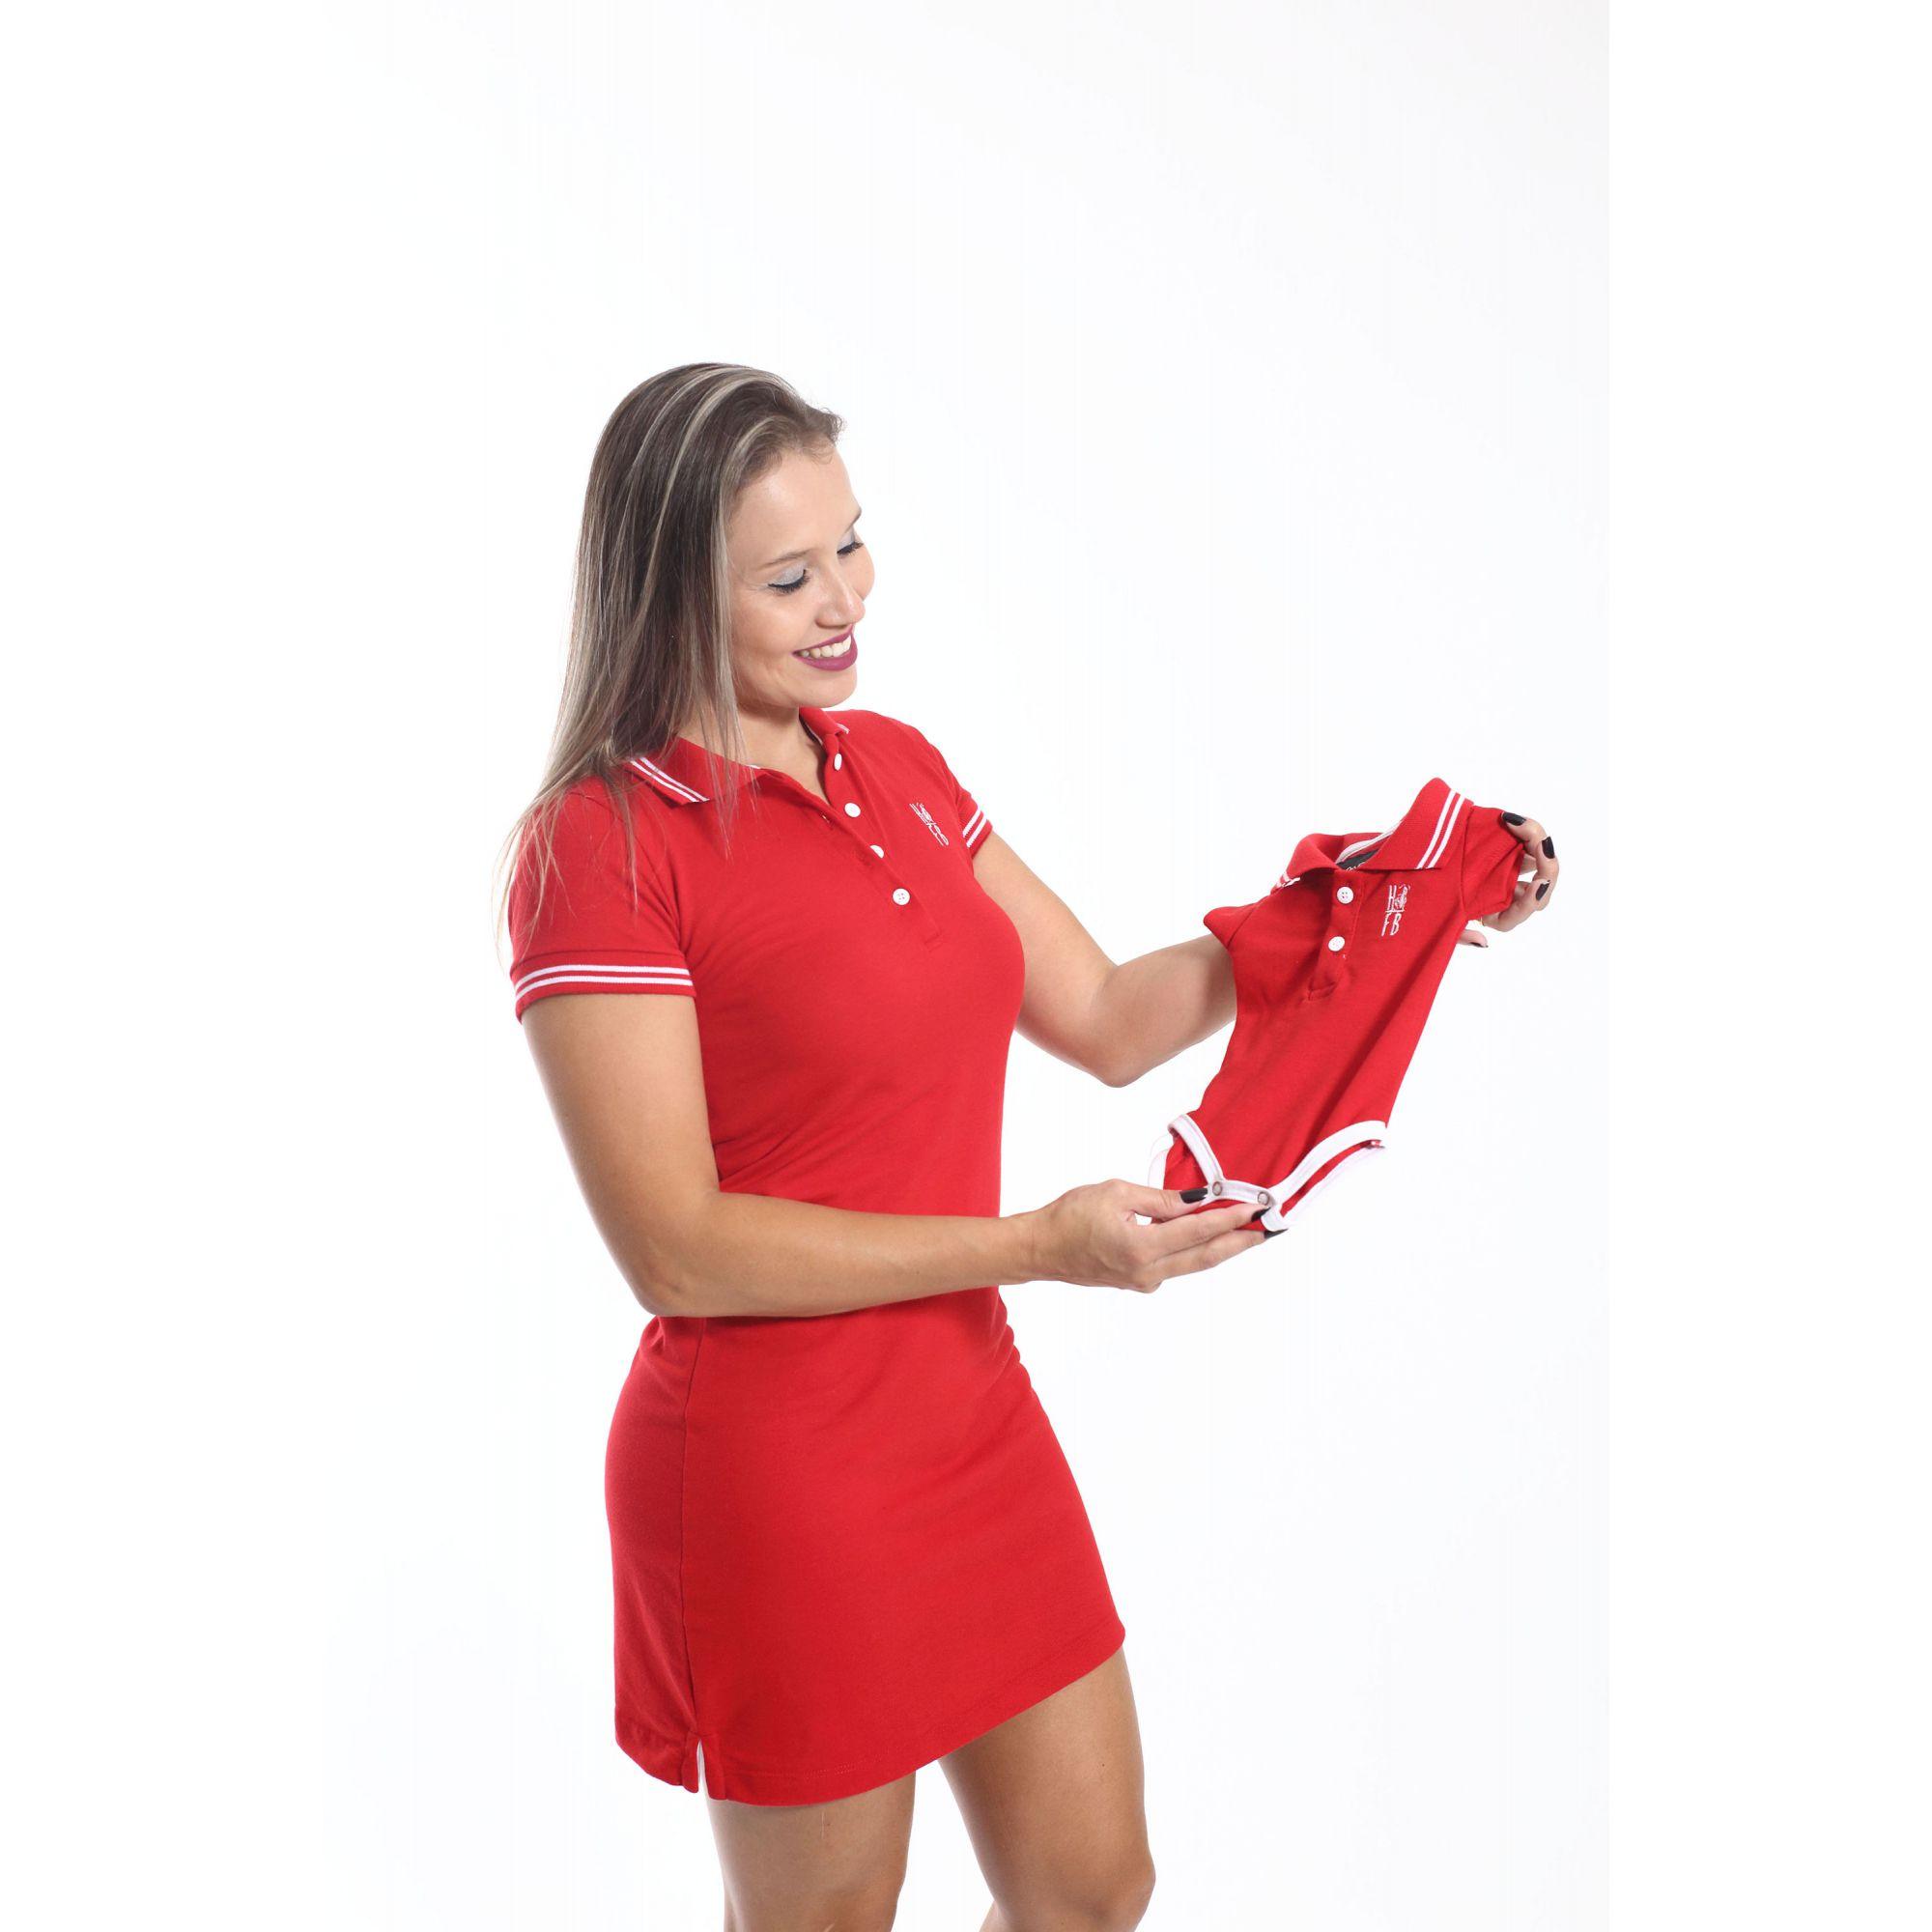 MÃE E FILHO > Kit 02 peças Vestido e Camisa ou Body Polo Vermelho Paixão [Coleção Tal Mãe Tal Filho]  - Heitor Fashion Brazil